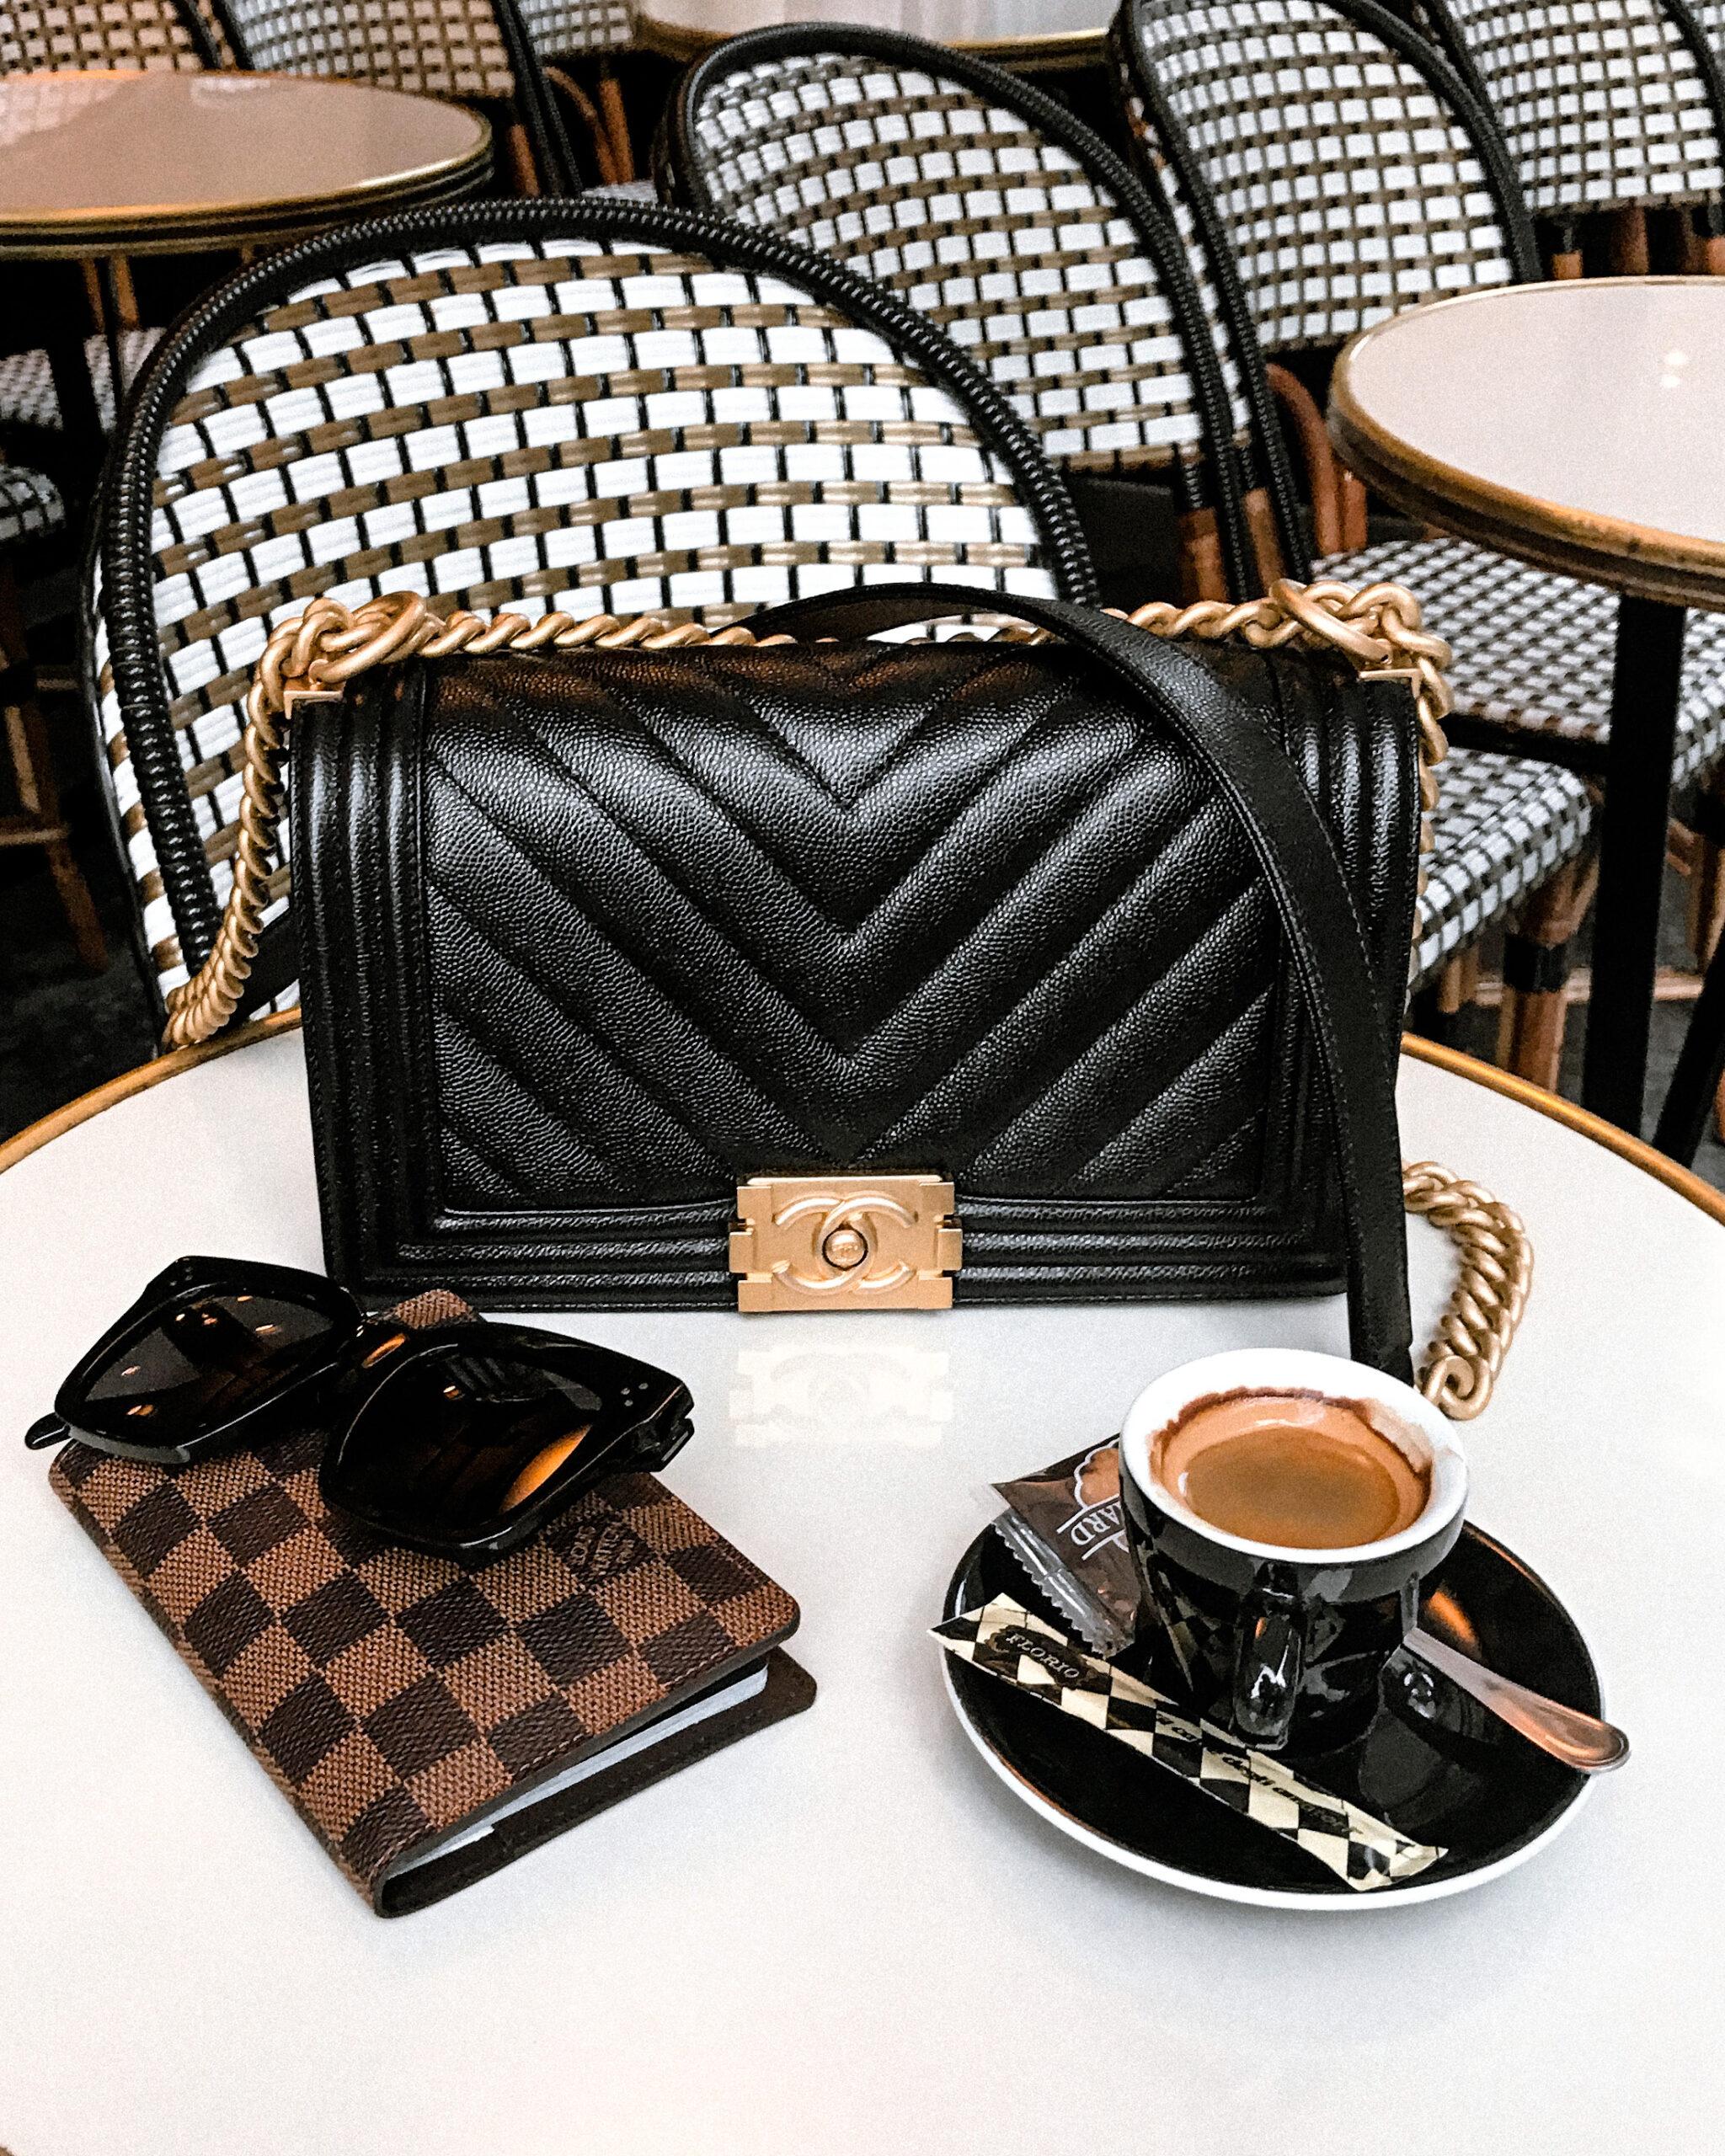 Paris Cafe Chanel Boy Bag Black Chevron Celine Sunglasses Louis Vuitton Passport Holder